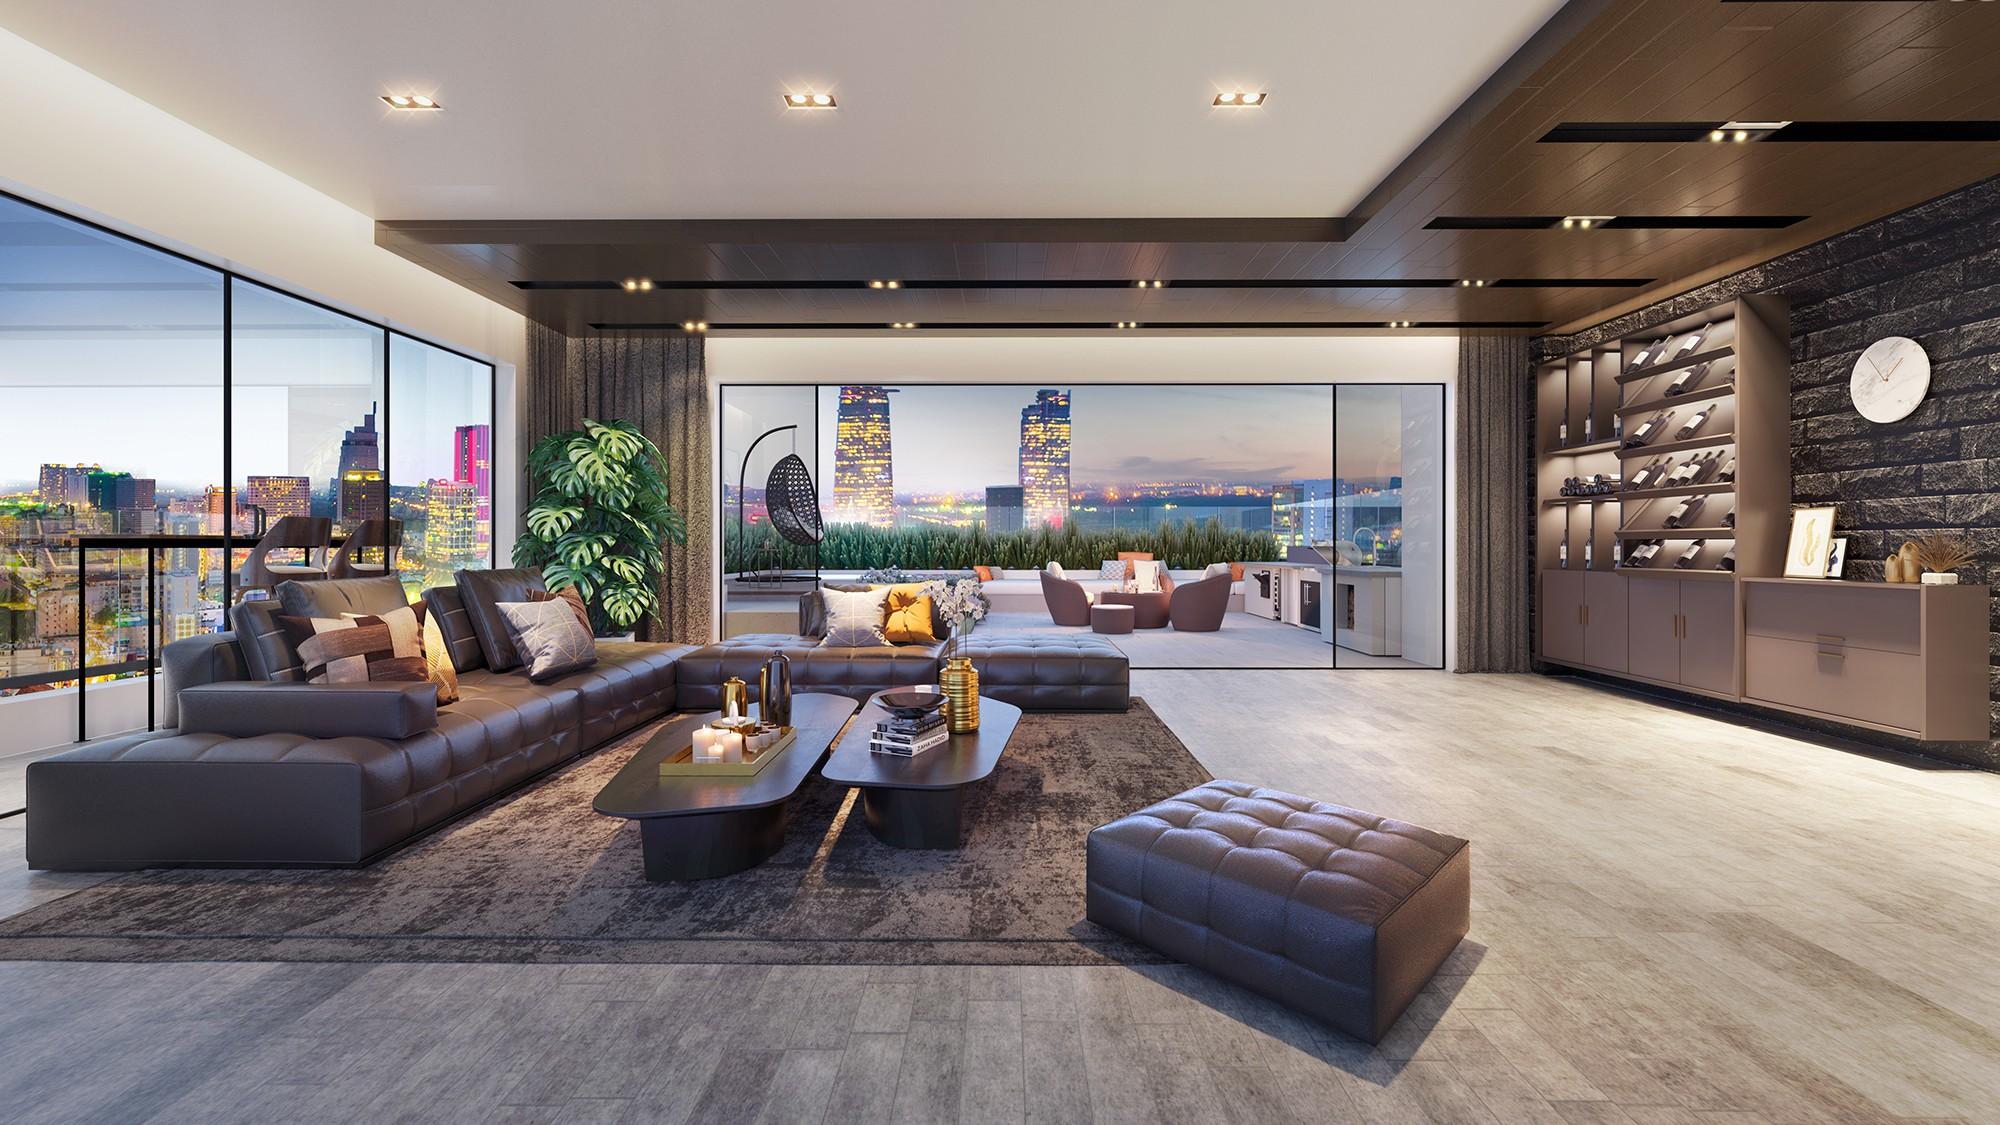 Sky Villa - Phong cách sống thượng lưu tại trung tâm Quận 1 - Ảnh 9.